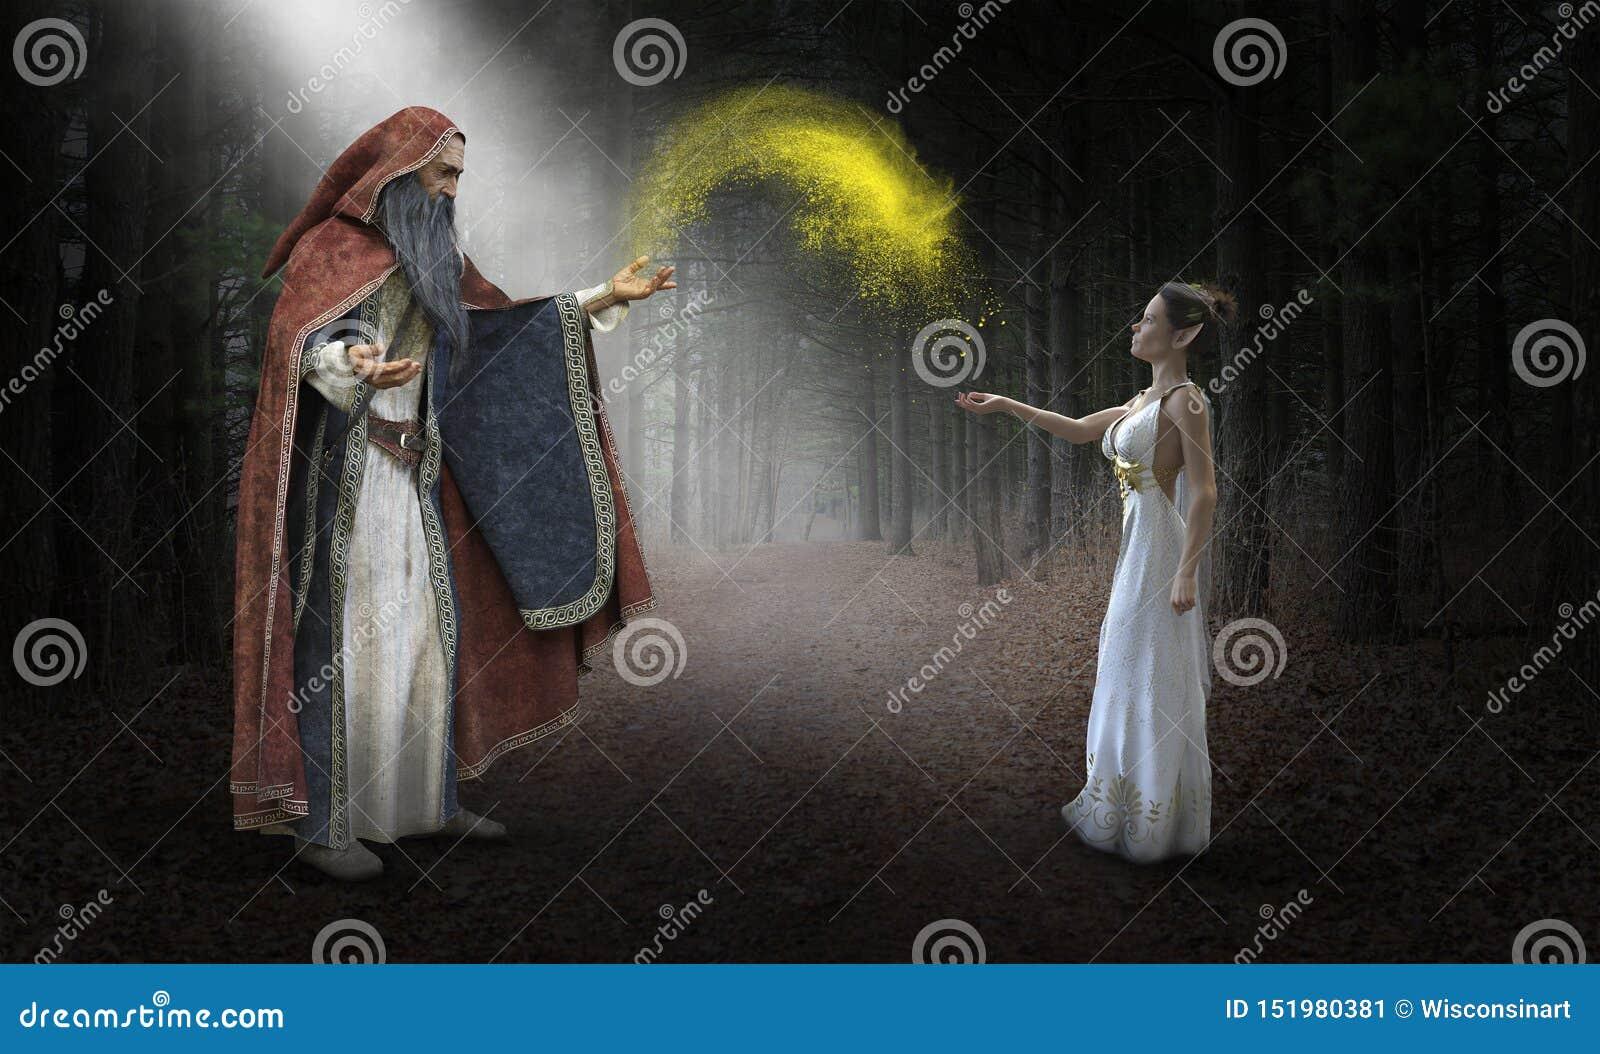 Magicien d imagination, imagination, magie, Elf